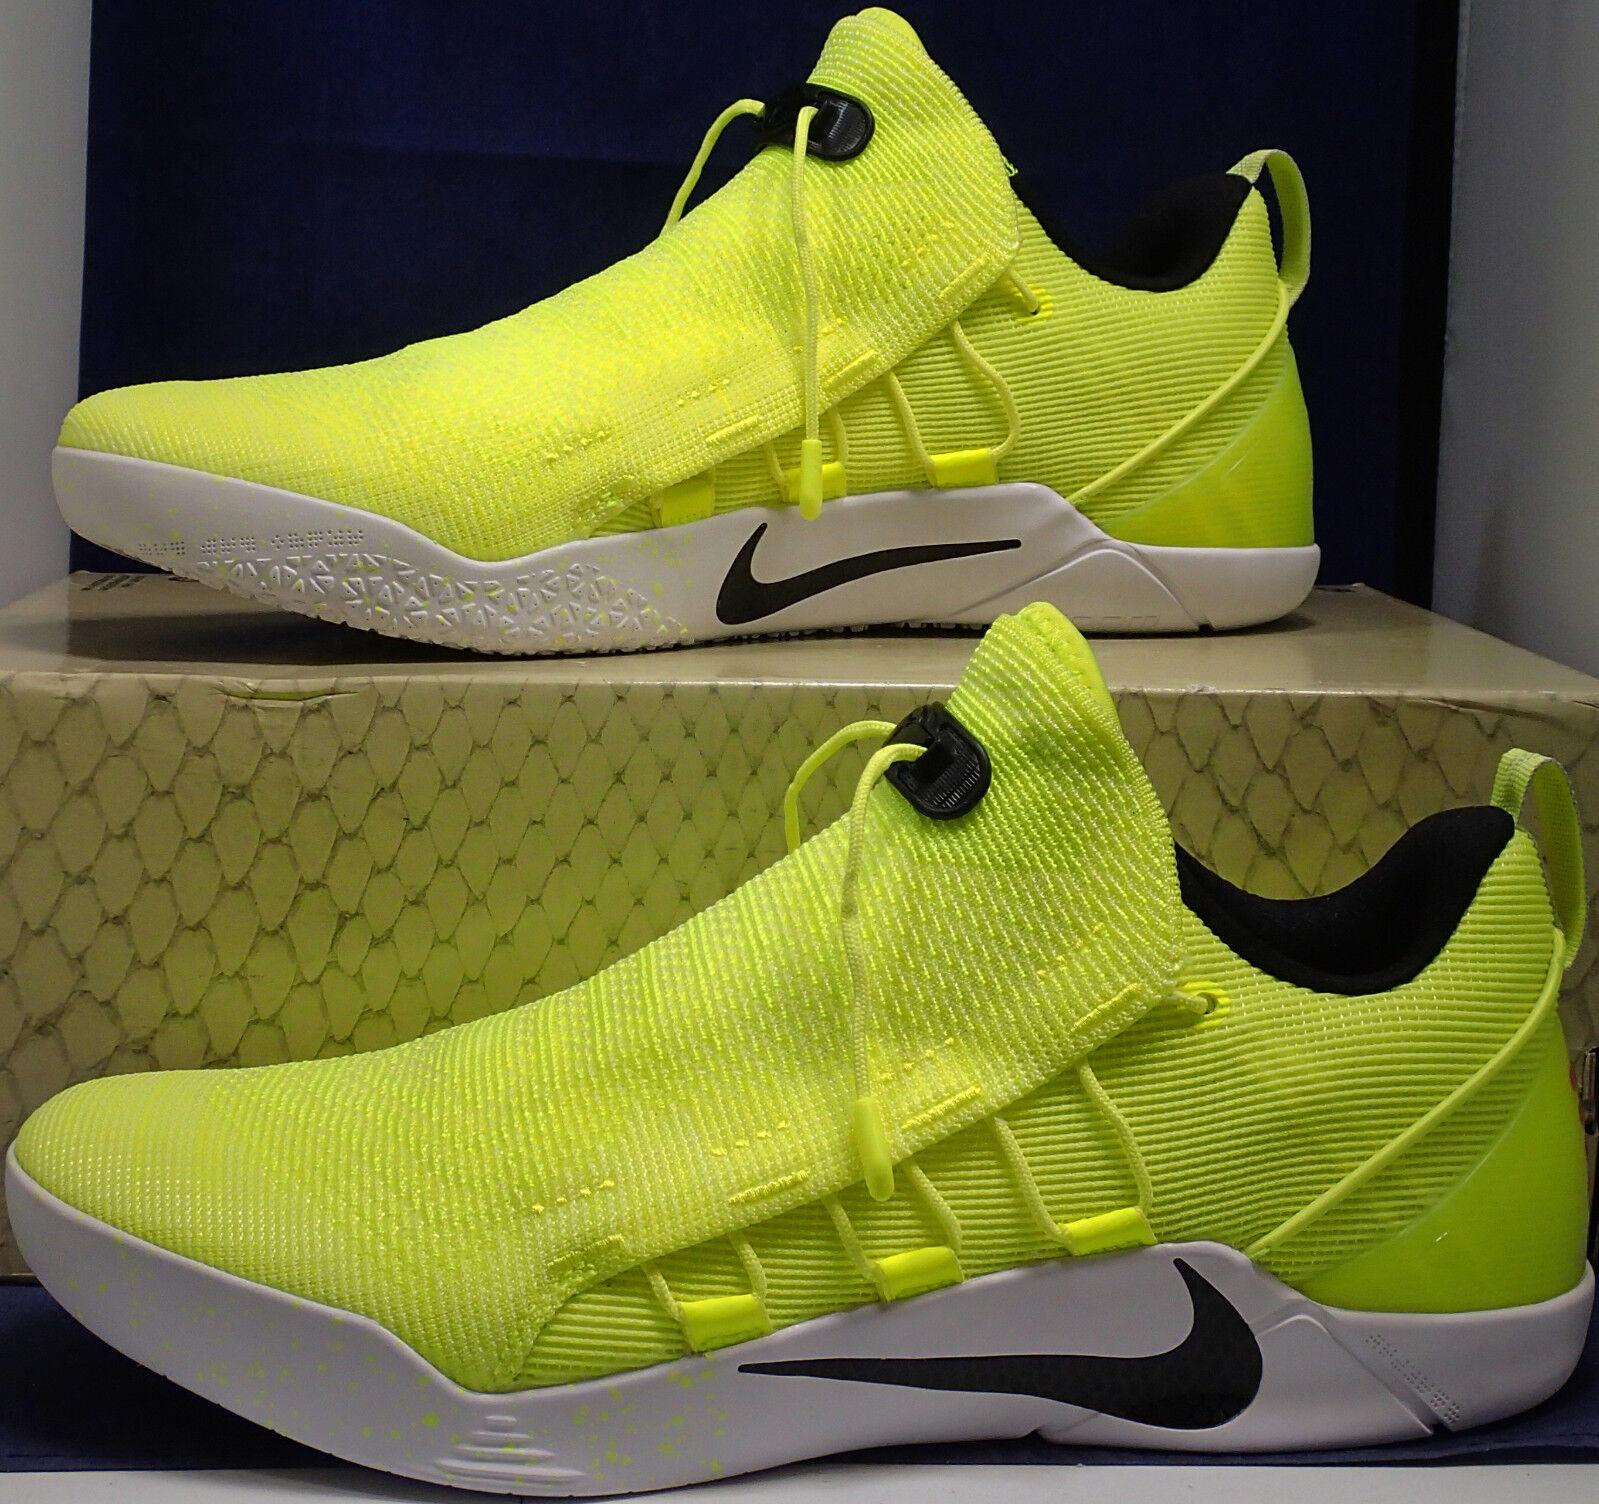 Nike Kobe A. D. Nxt Hmd Volt Blanc Sz 10 (916832-710)